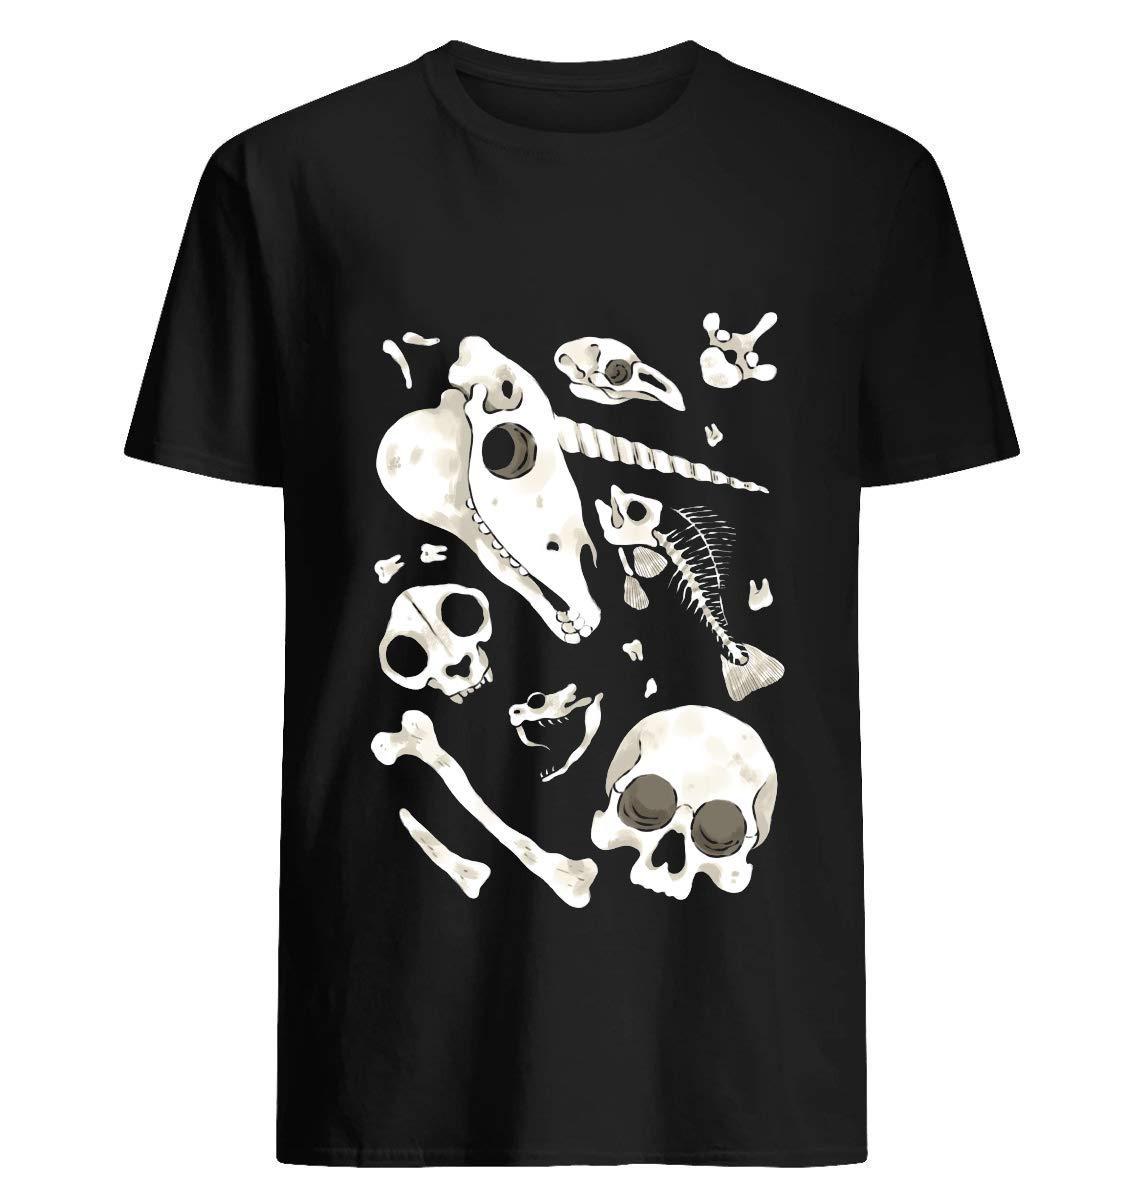 Black Skulls And Bones Wunderkammer 65 T Shirt For Unisex